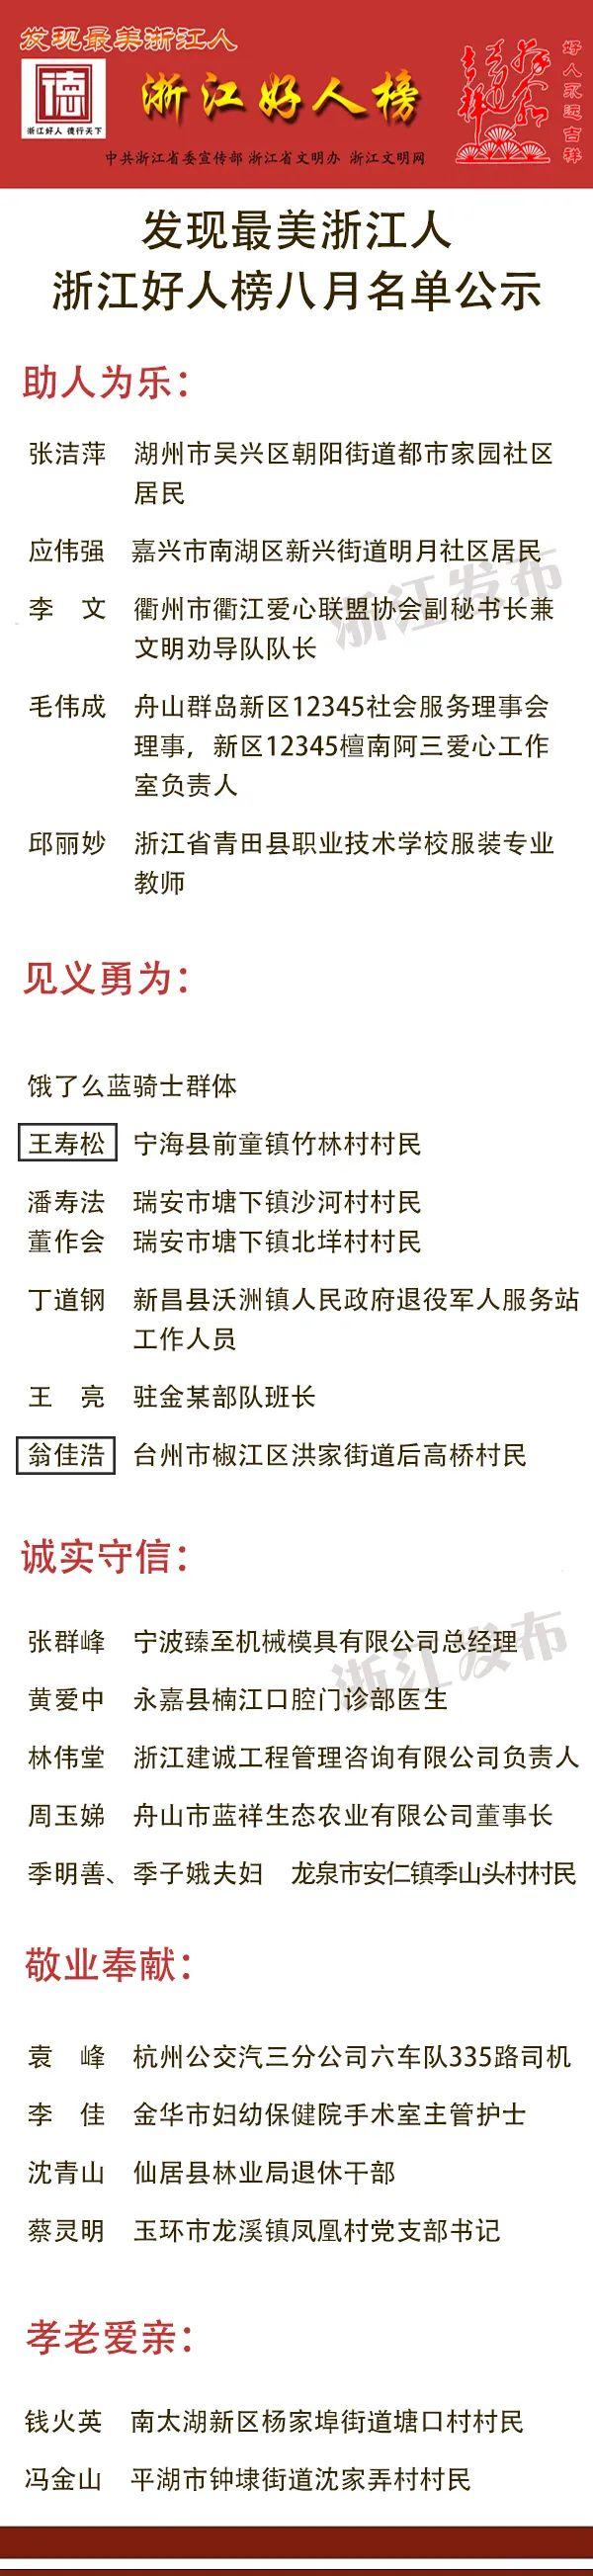 最美浙江人——浙江好人榜8月入选名单公示图片